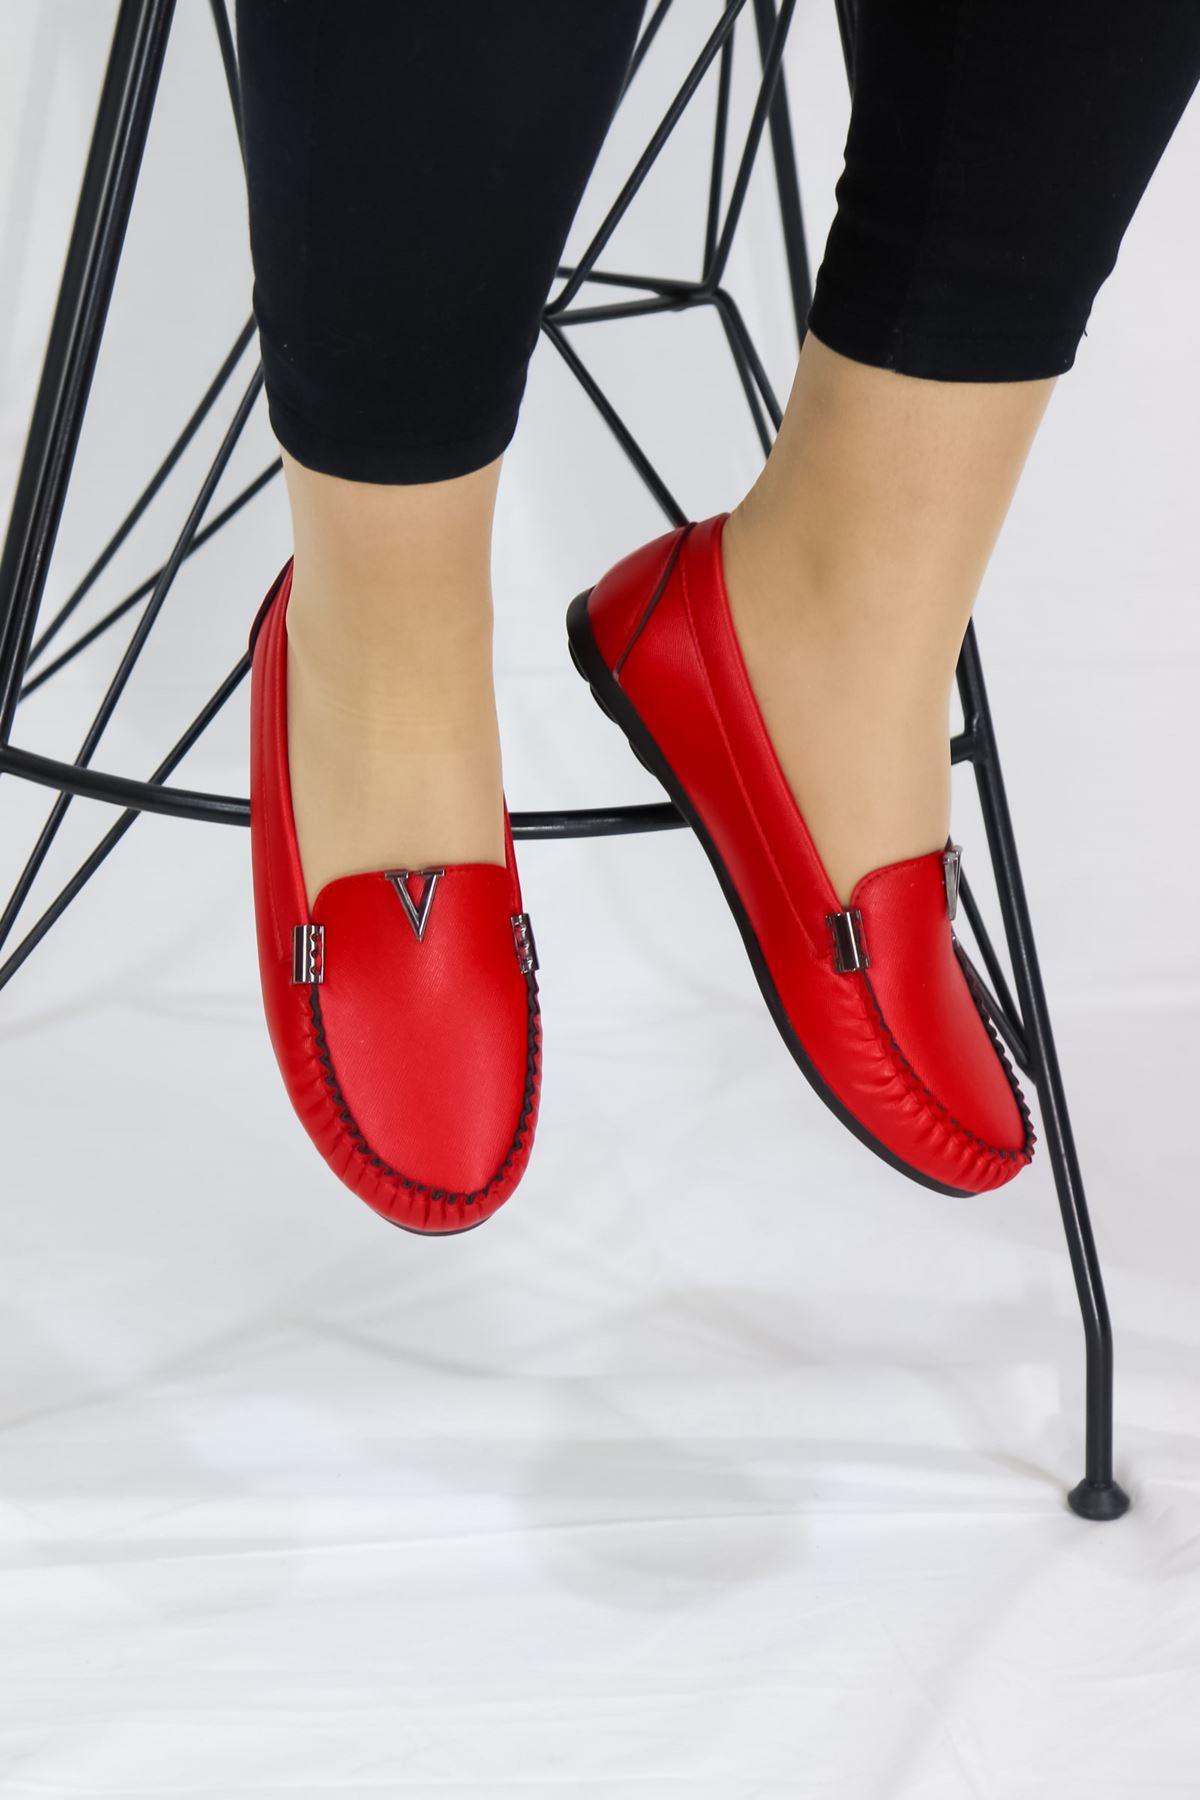 Trendayakkabı - Kırmızı Detaylı Babet